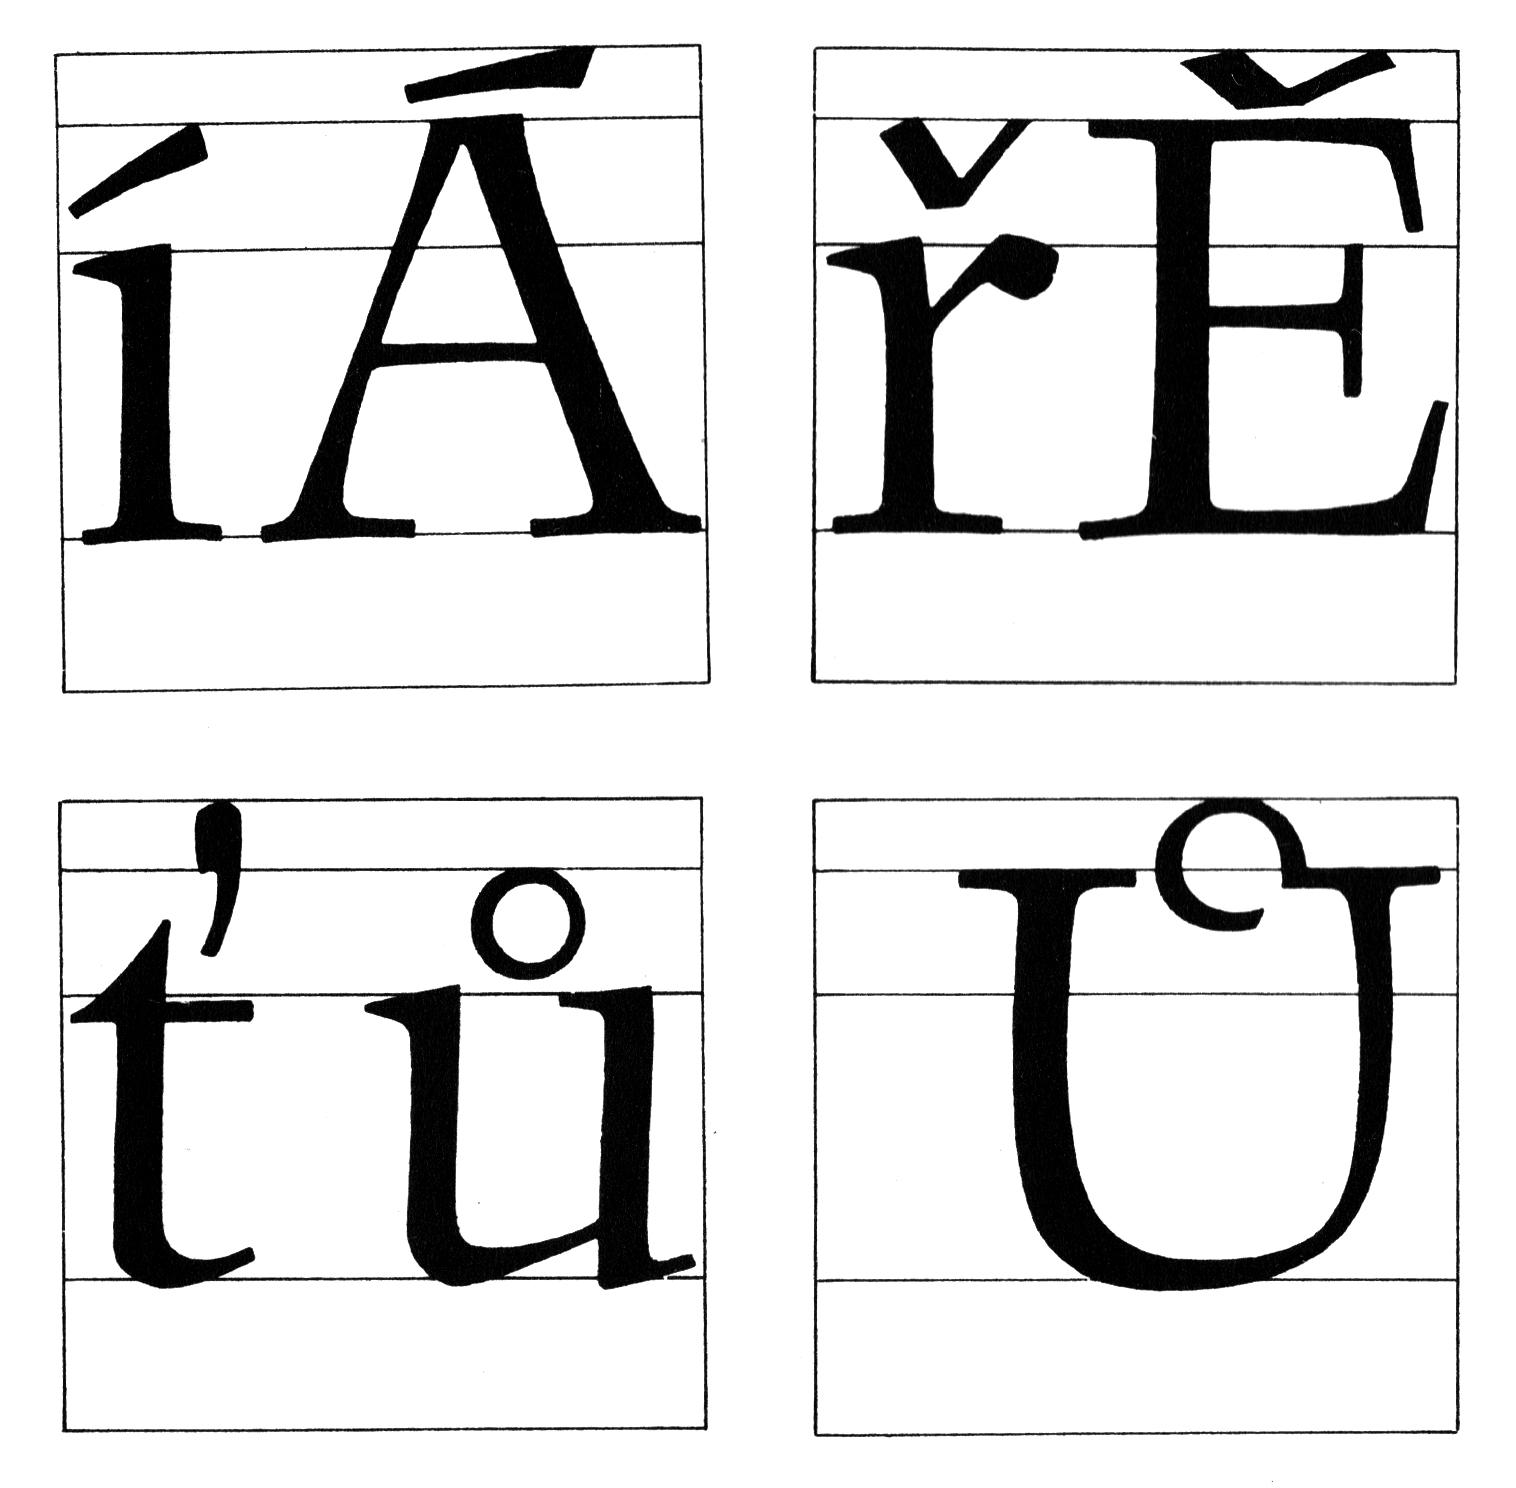 Czech diacritics